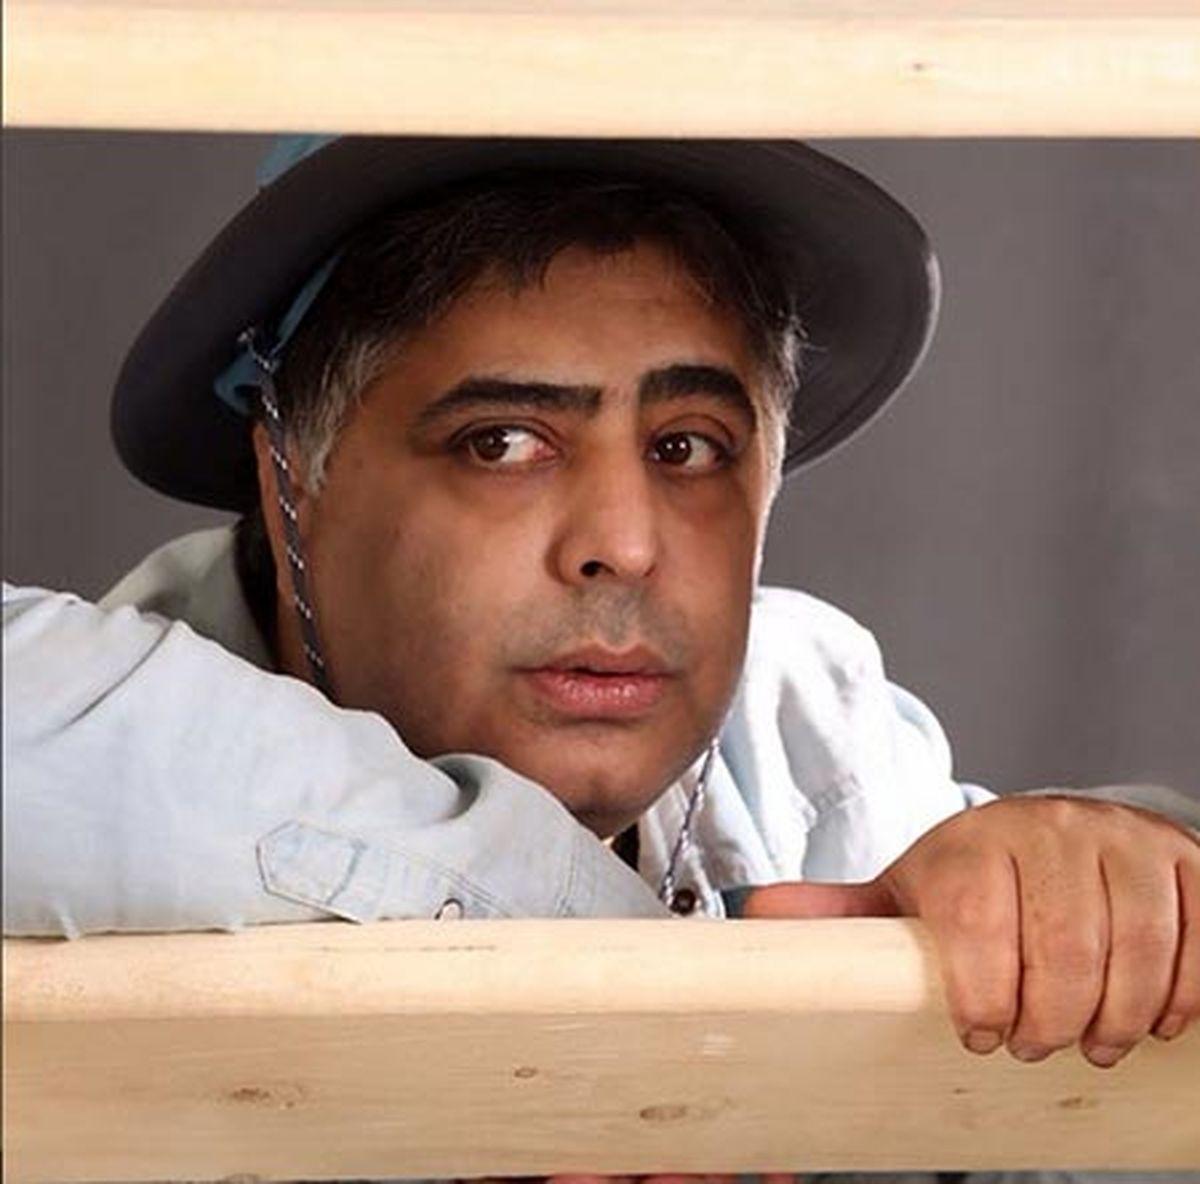 رضا شفیعی جم با بامزه ترین ماسک دنیا +تصویر